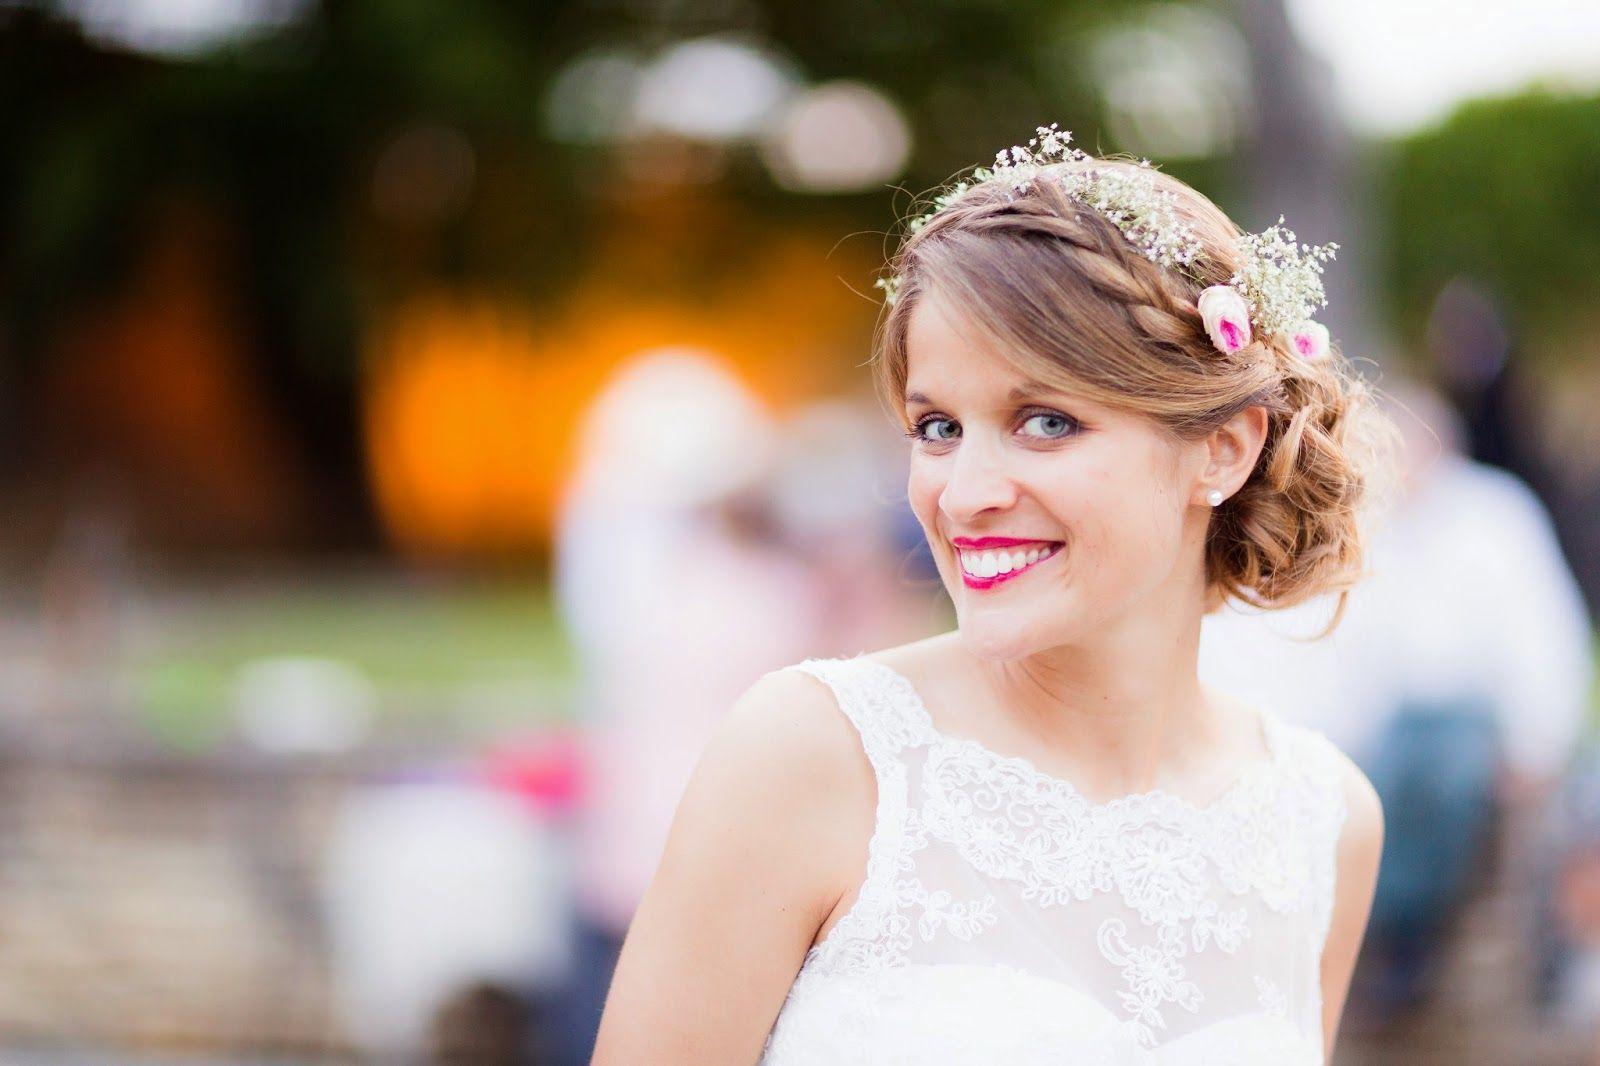 Les Moineaux De La Mariée vrai mariage} emma & romain | coiffure mariage, déco mariage